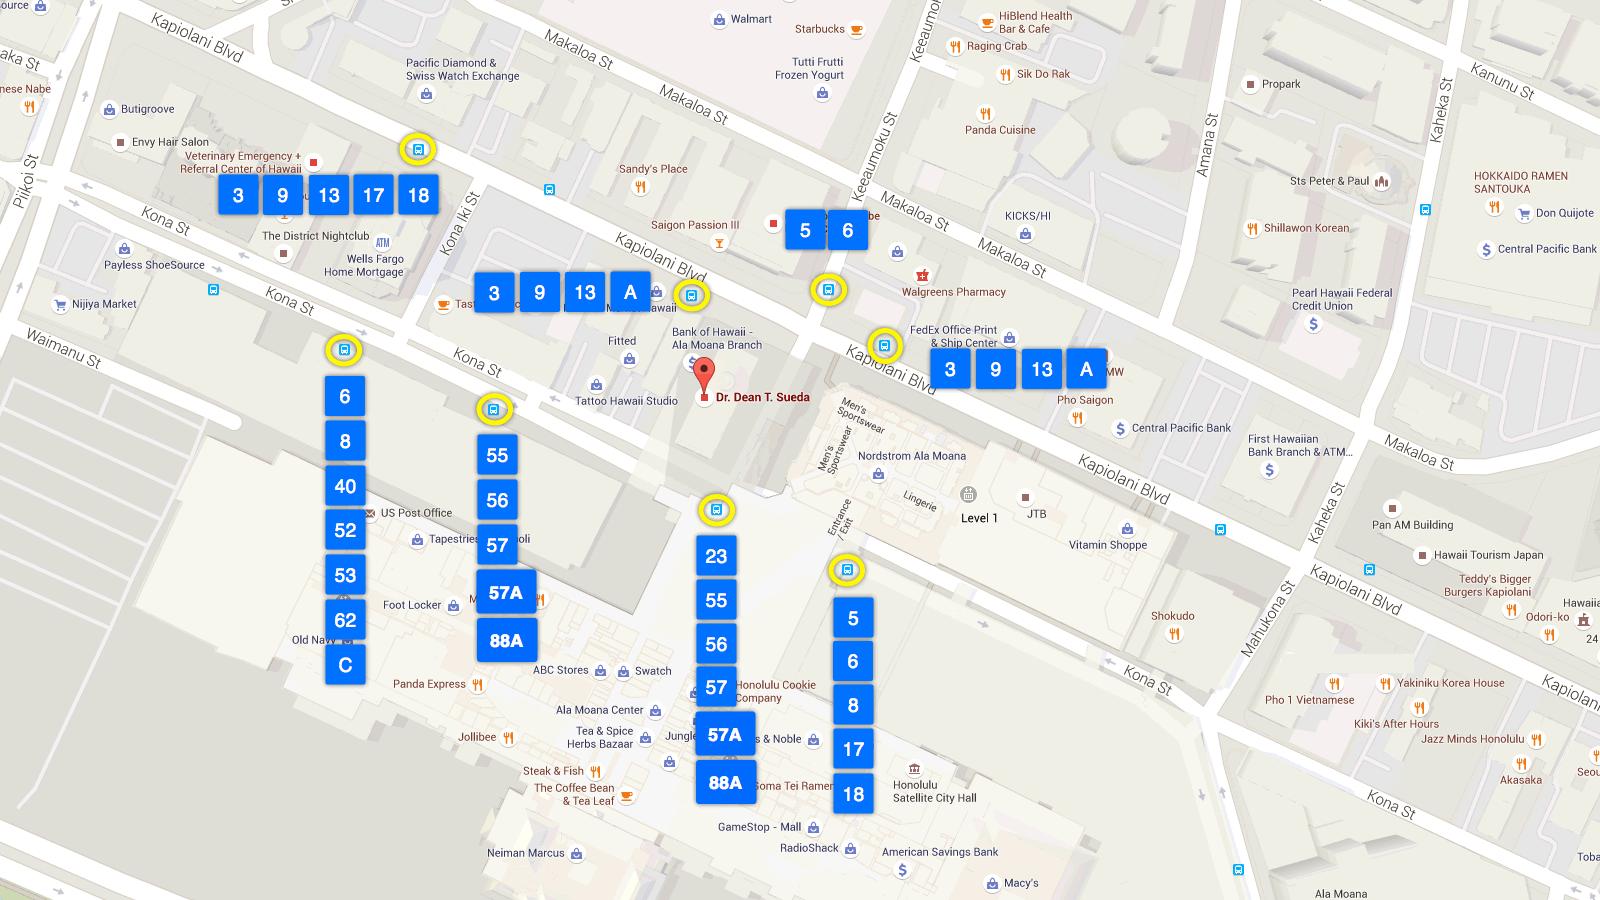 map of Ala Moana bus stops